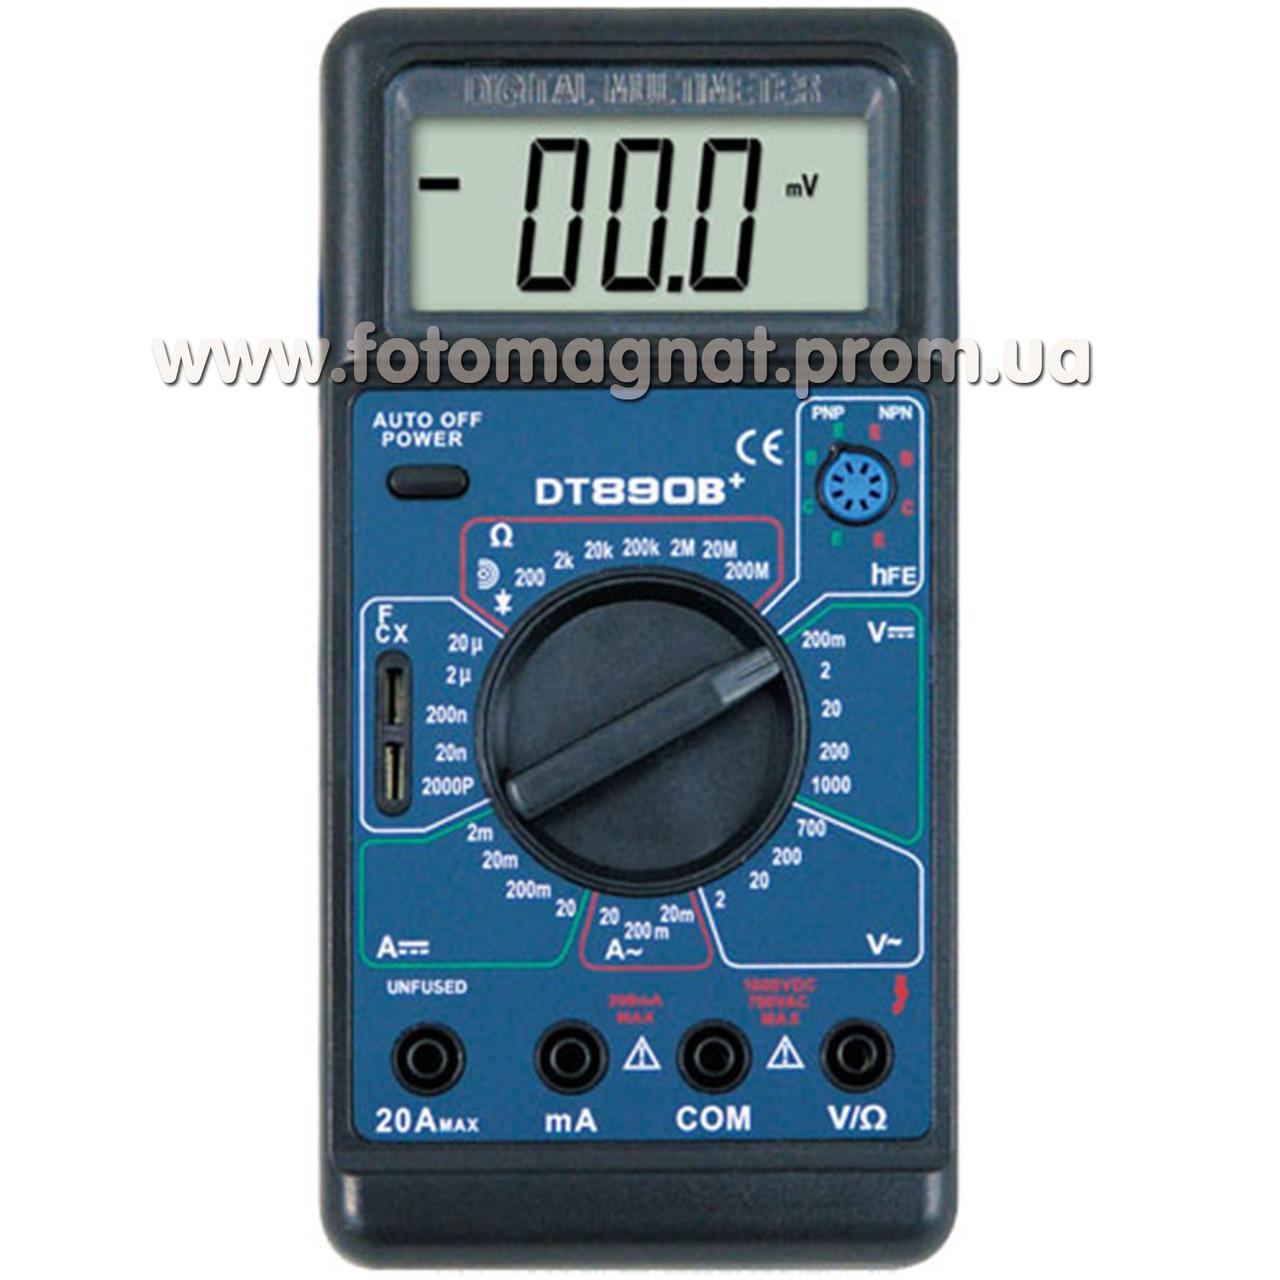 Тестер 890 D(тестер мультиметр)